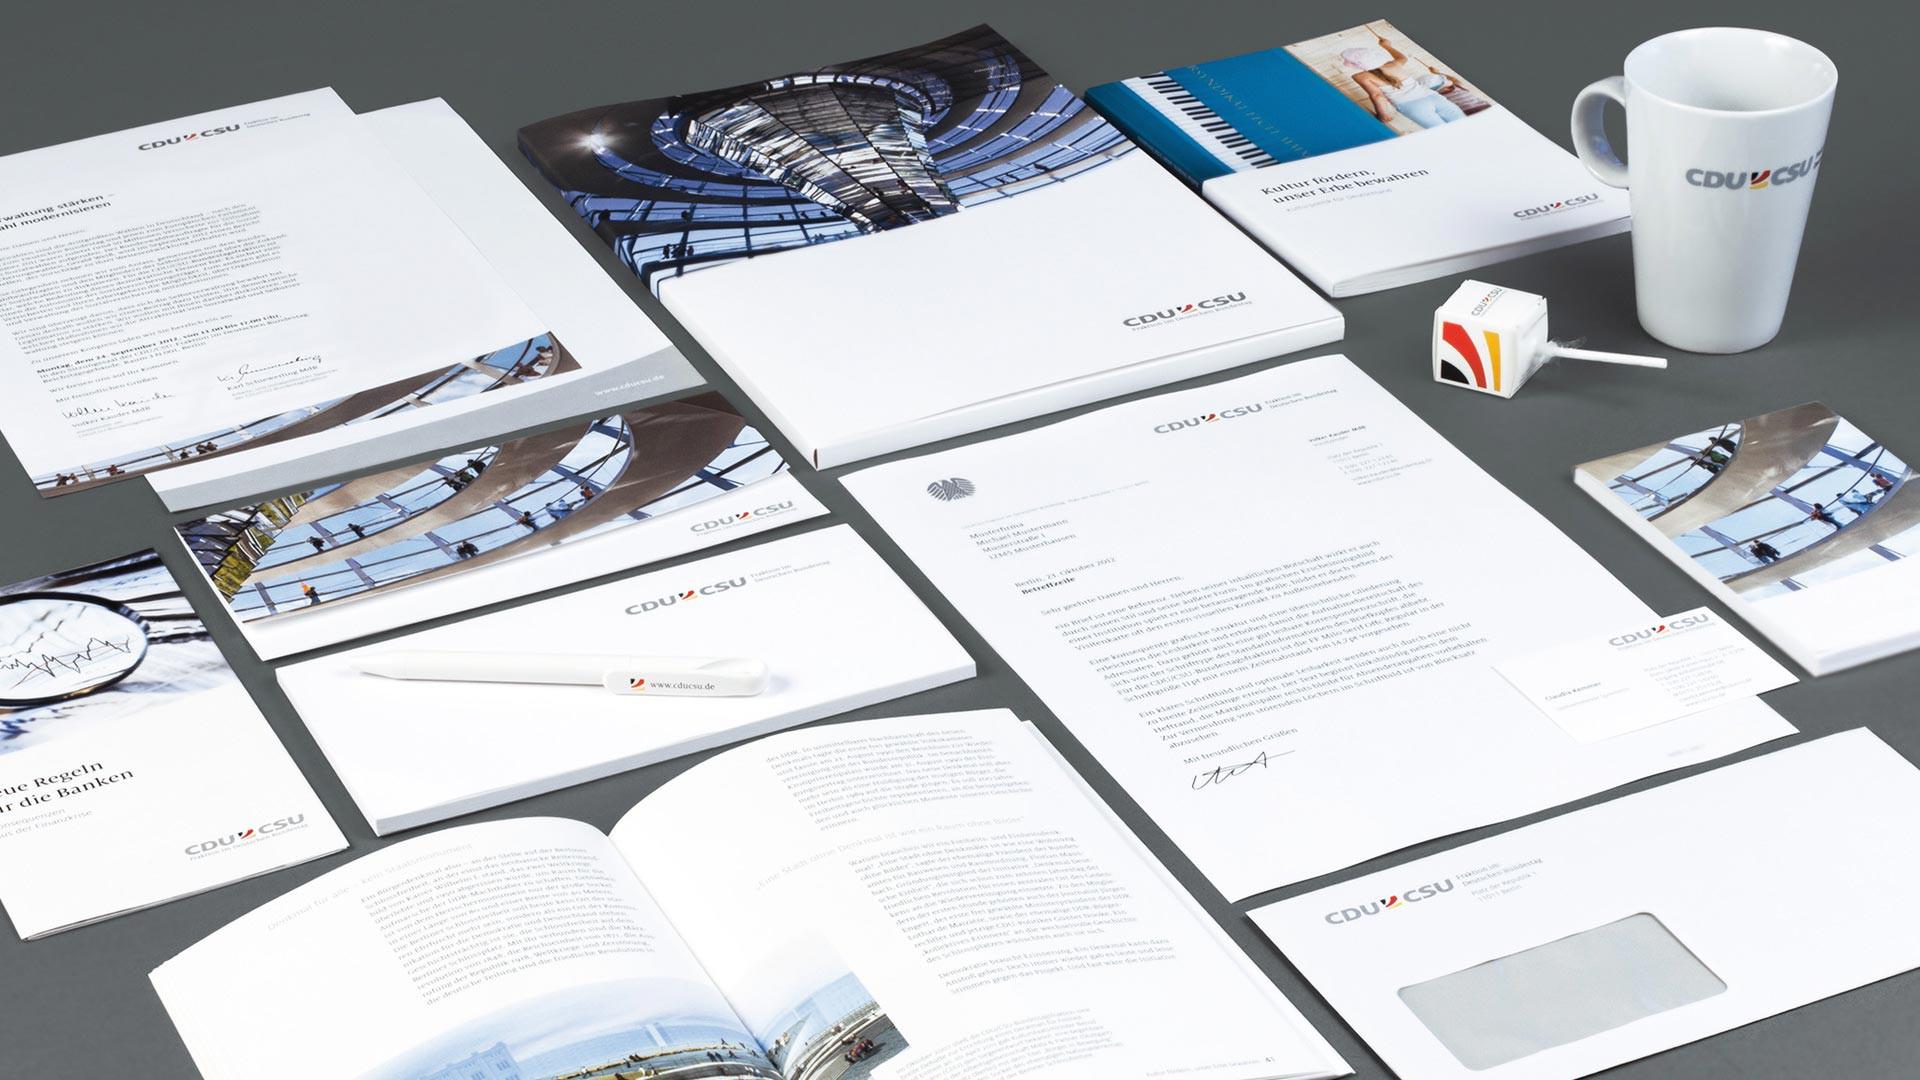 Drucksachen im neuen Corporate Design der CDU/CSU Bundestagsfraktion